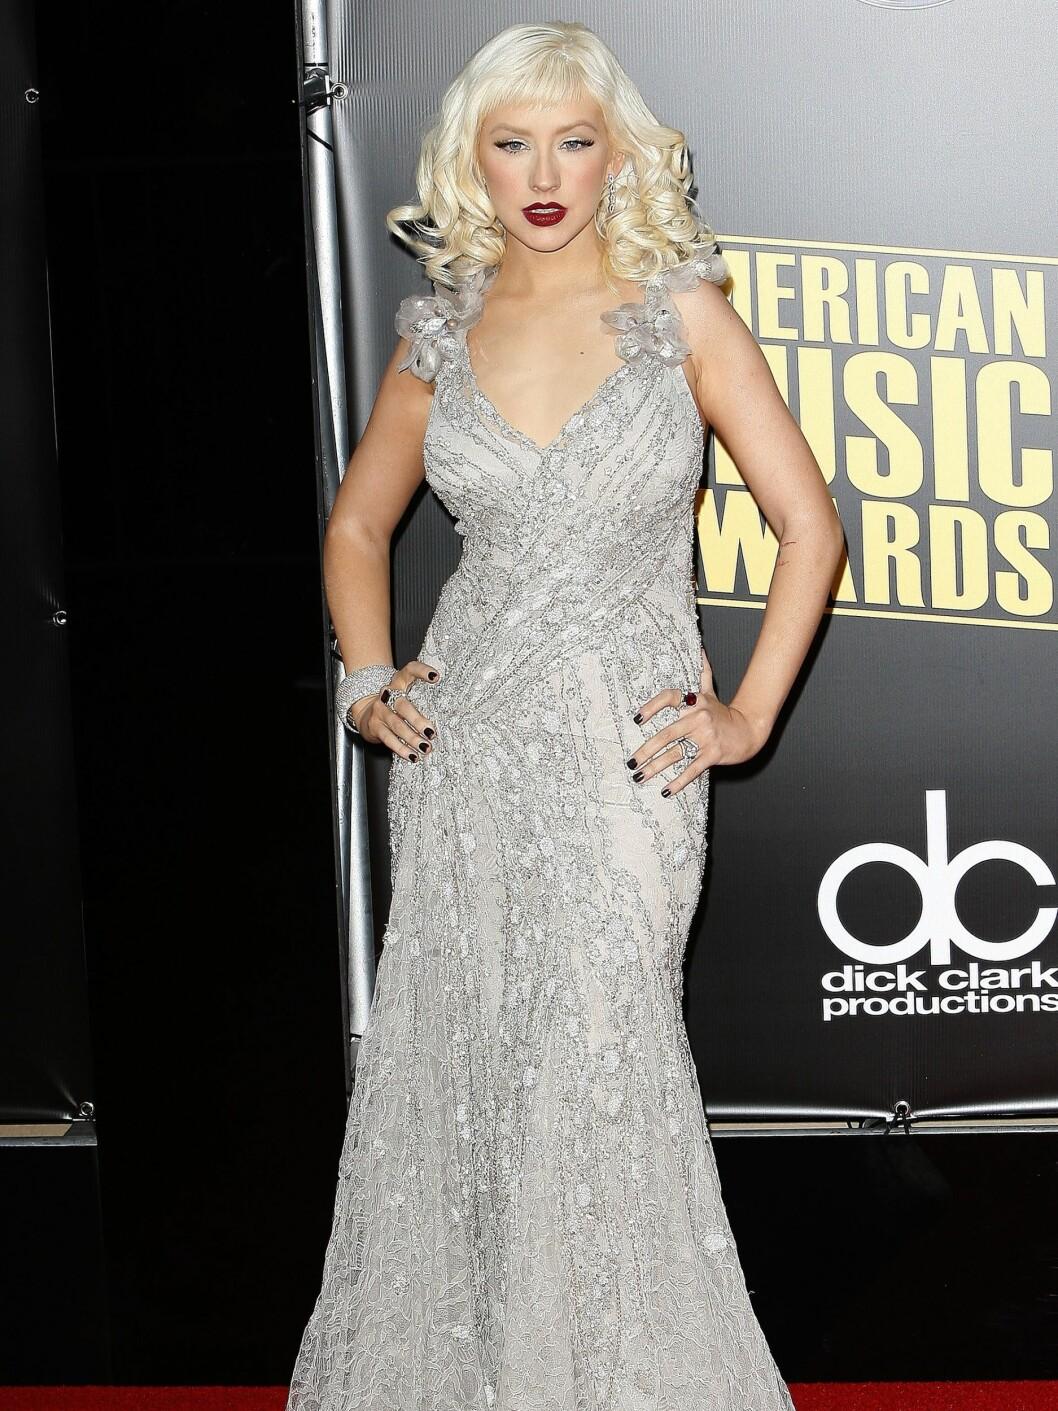 Slik ser vi henne oftest; glamourøse kjoler og sterk sminke. Foto: All Over Press